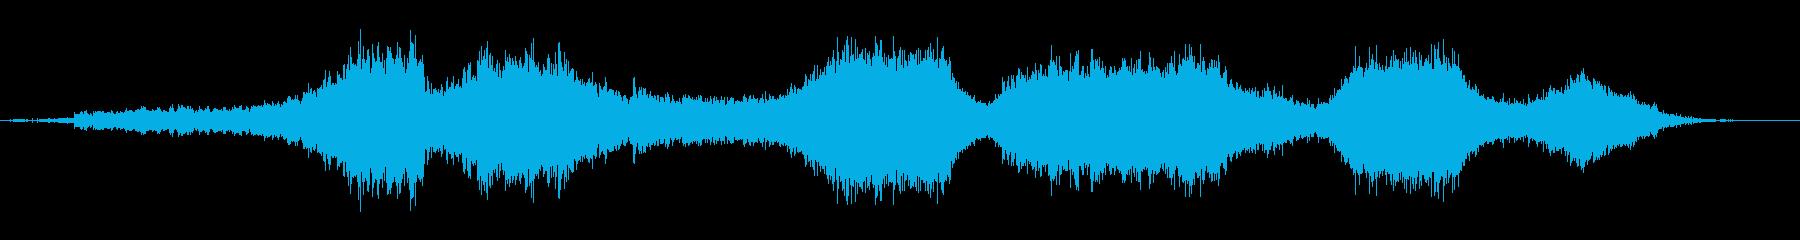 少し怖い不気味な雰囲気のBGMの再生済みの波形